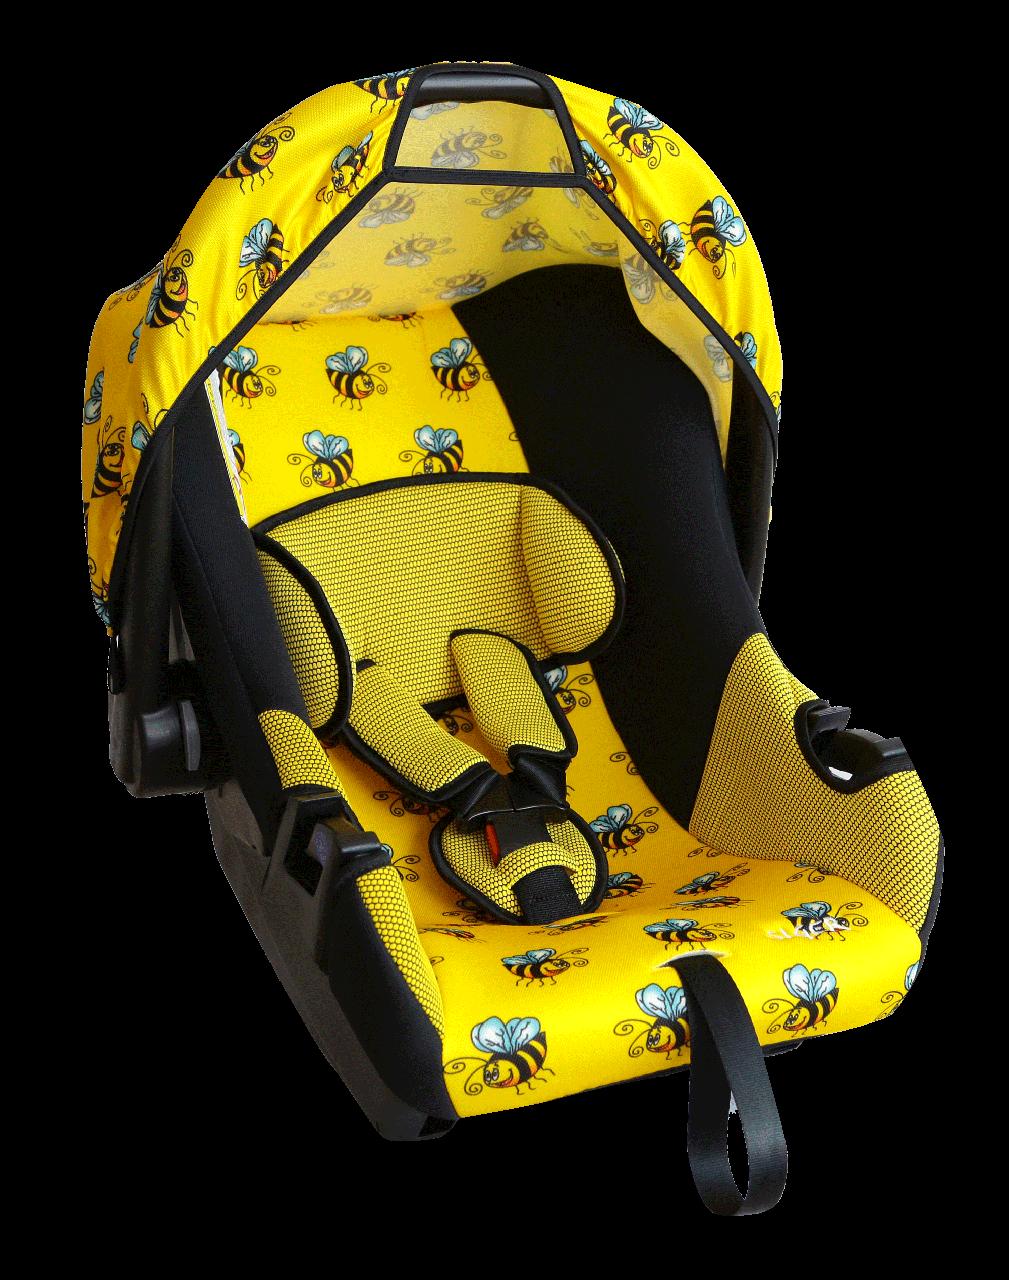 """Детское автомобильное кресло SIGER """"ЭГИДА"""" пчелка, 0-1.5 ГОДА, до 13 КГ, группа 0+"""